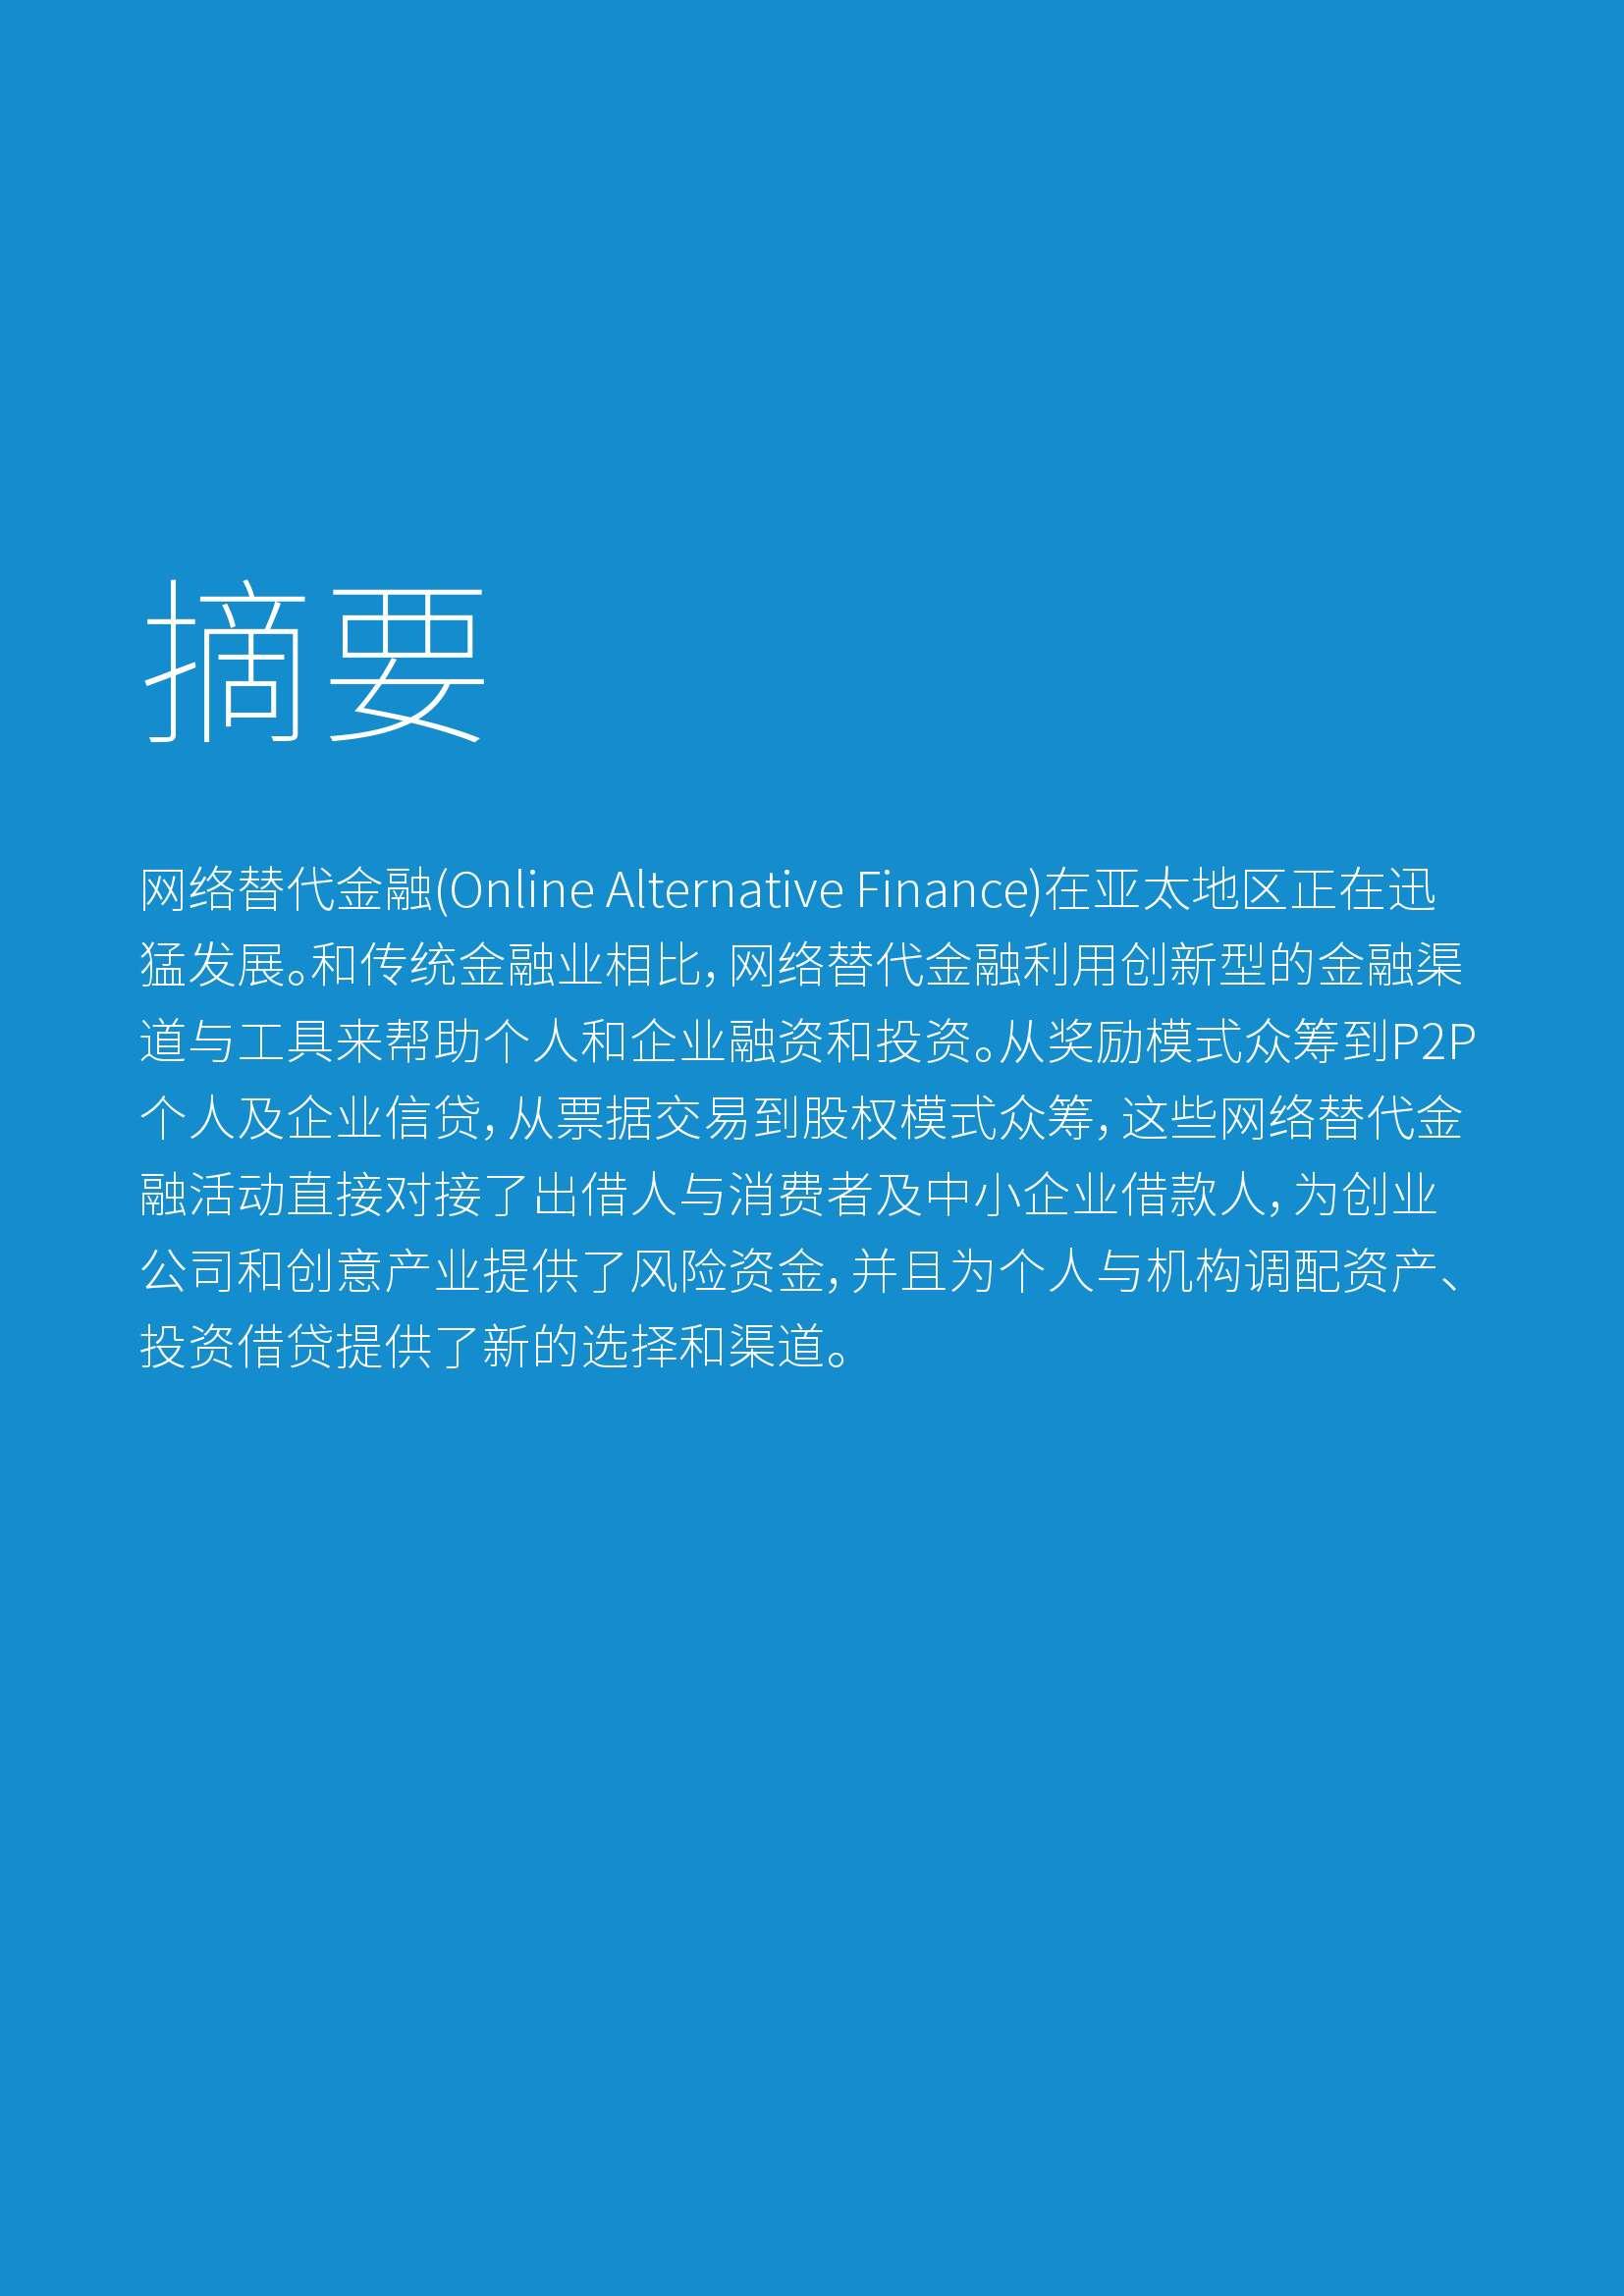 亚太地区网络替代金融基准报告_000018